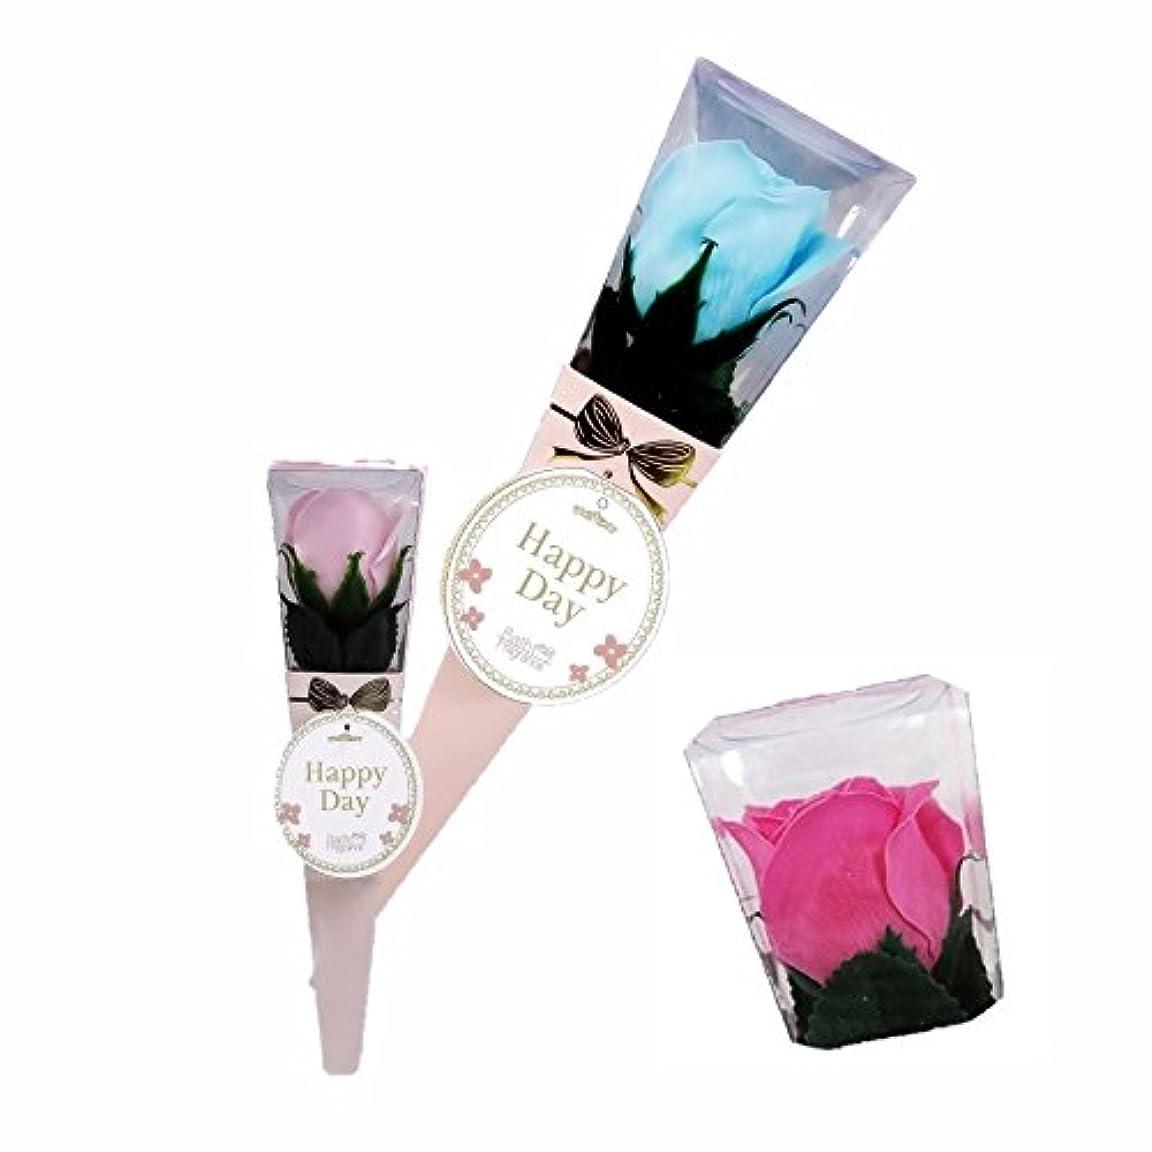 クラッチ盲目描くバスフレグランス ミニローズブーケ ローズピンク バスフラワー ギフト お花の形の入浴剤